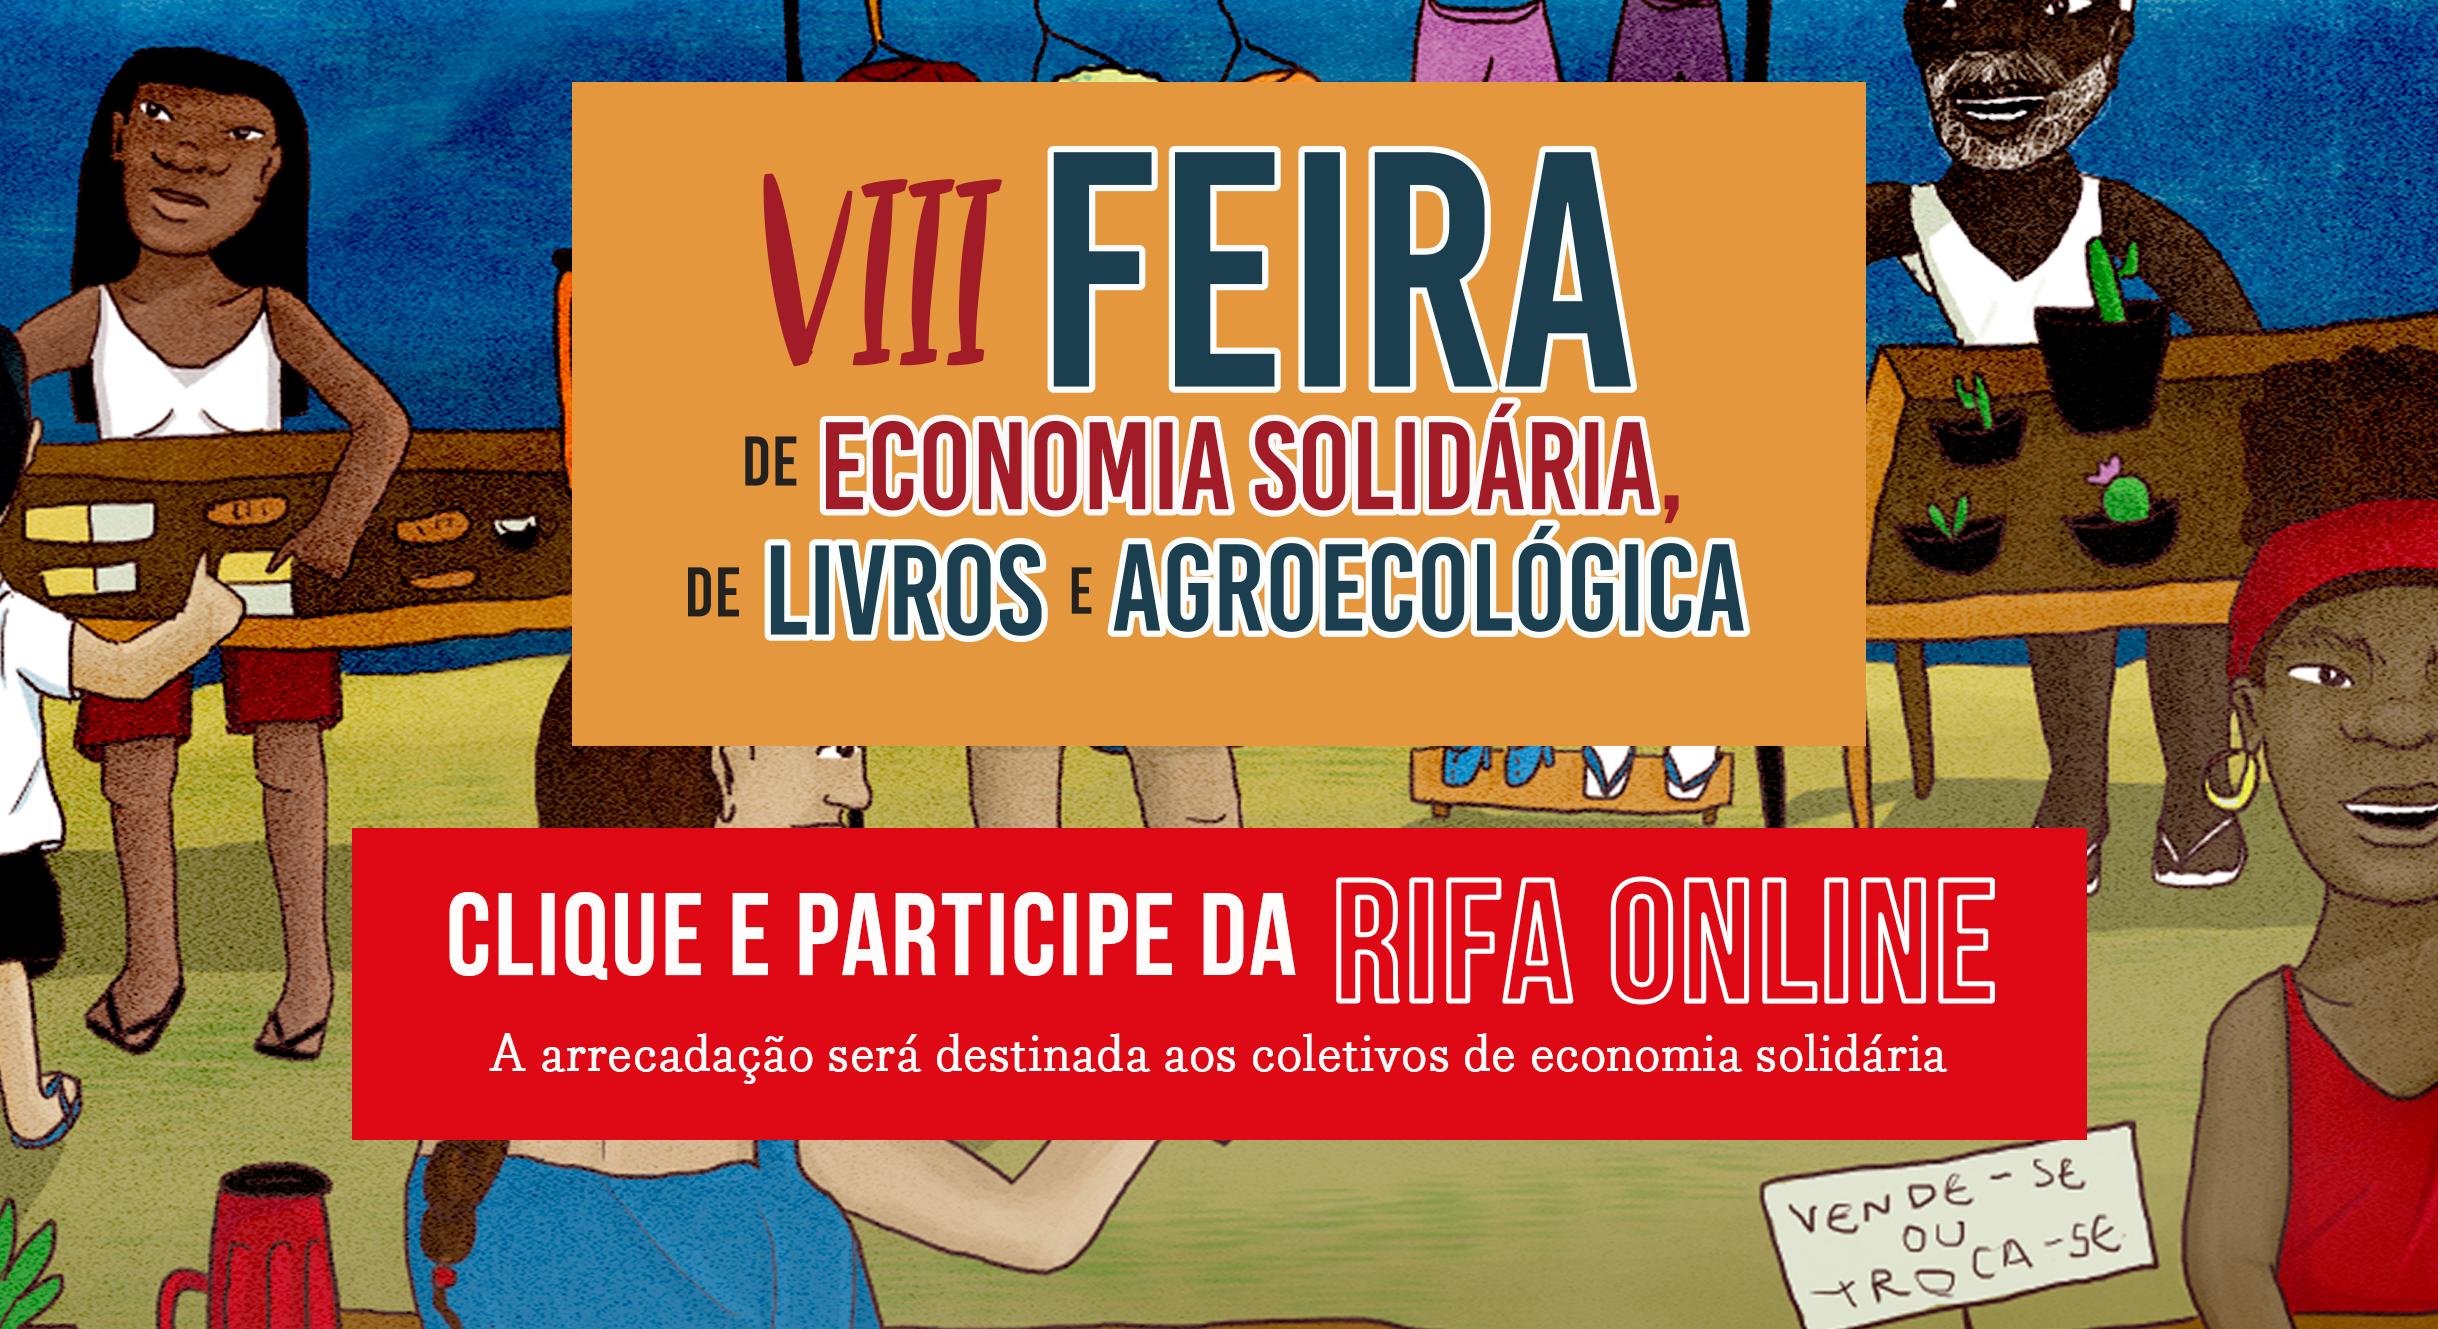 RIFA ONLINE: VII Feira de Economia Solidária de Livros e Agroecológica